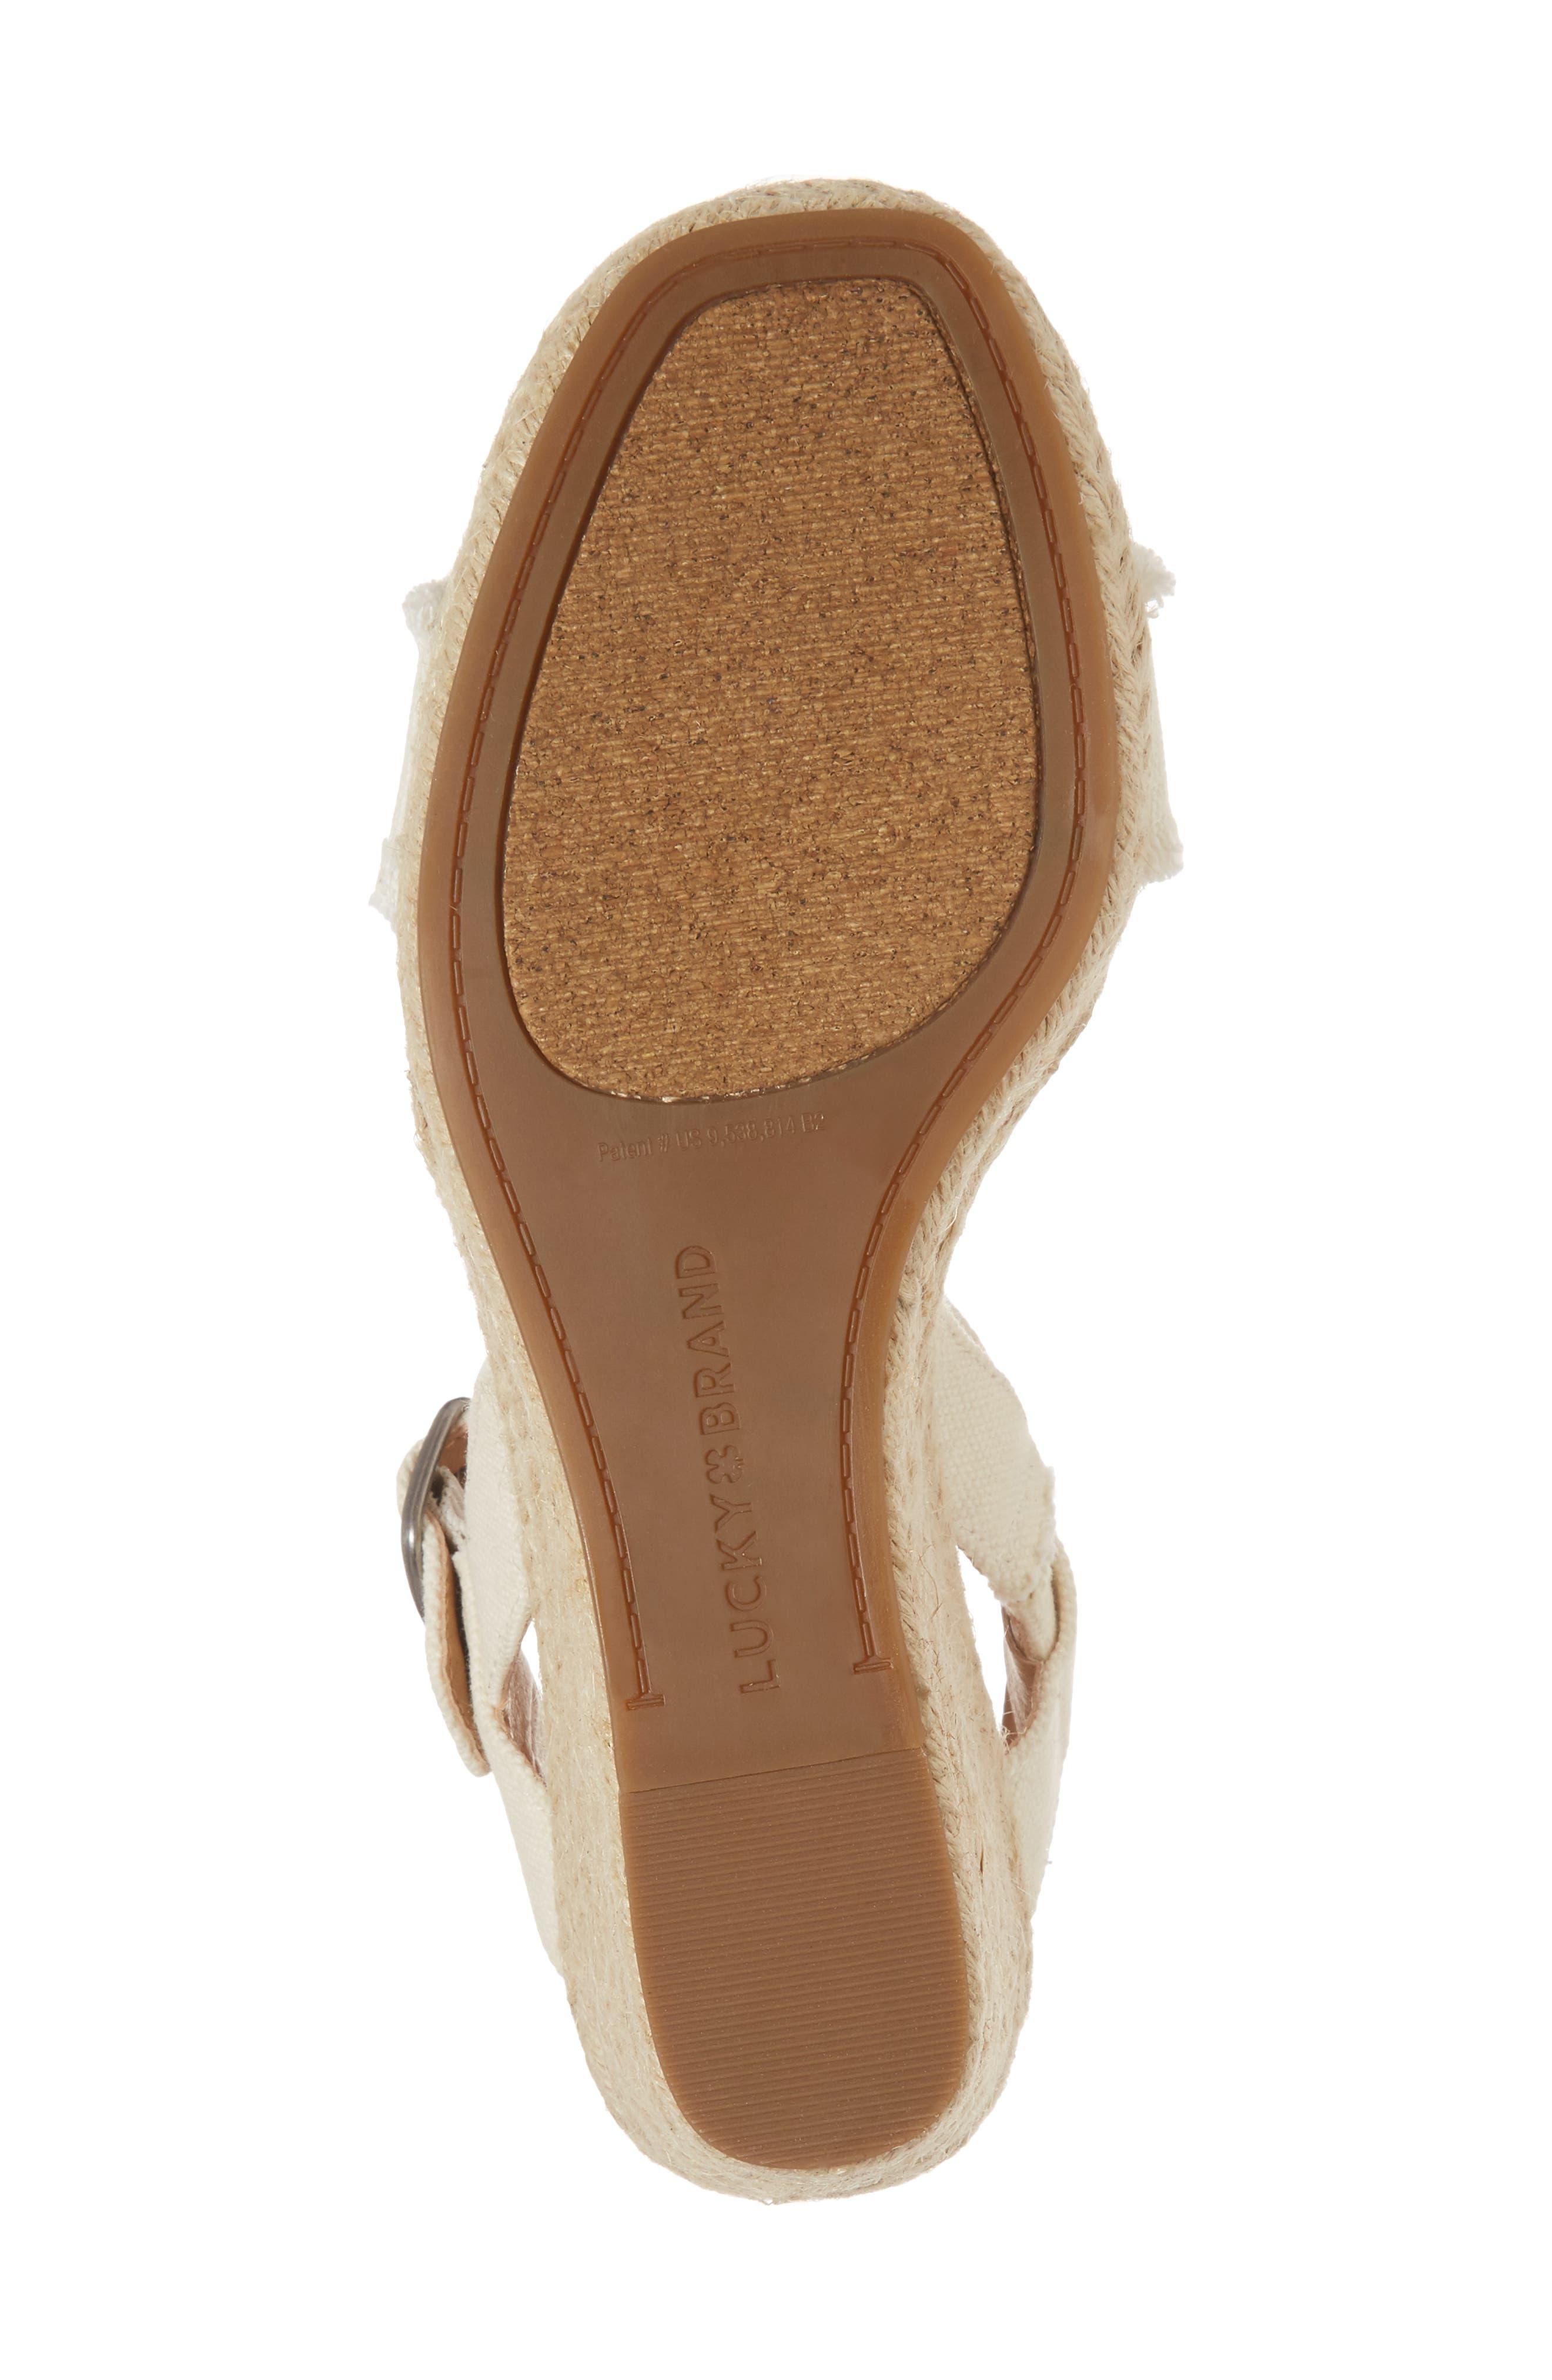 Marceline Squared Toe Wedge Sandal,                             Alternate thumbnail 37, color,